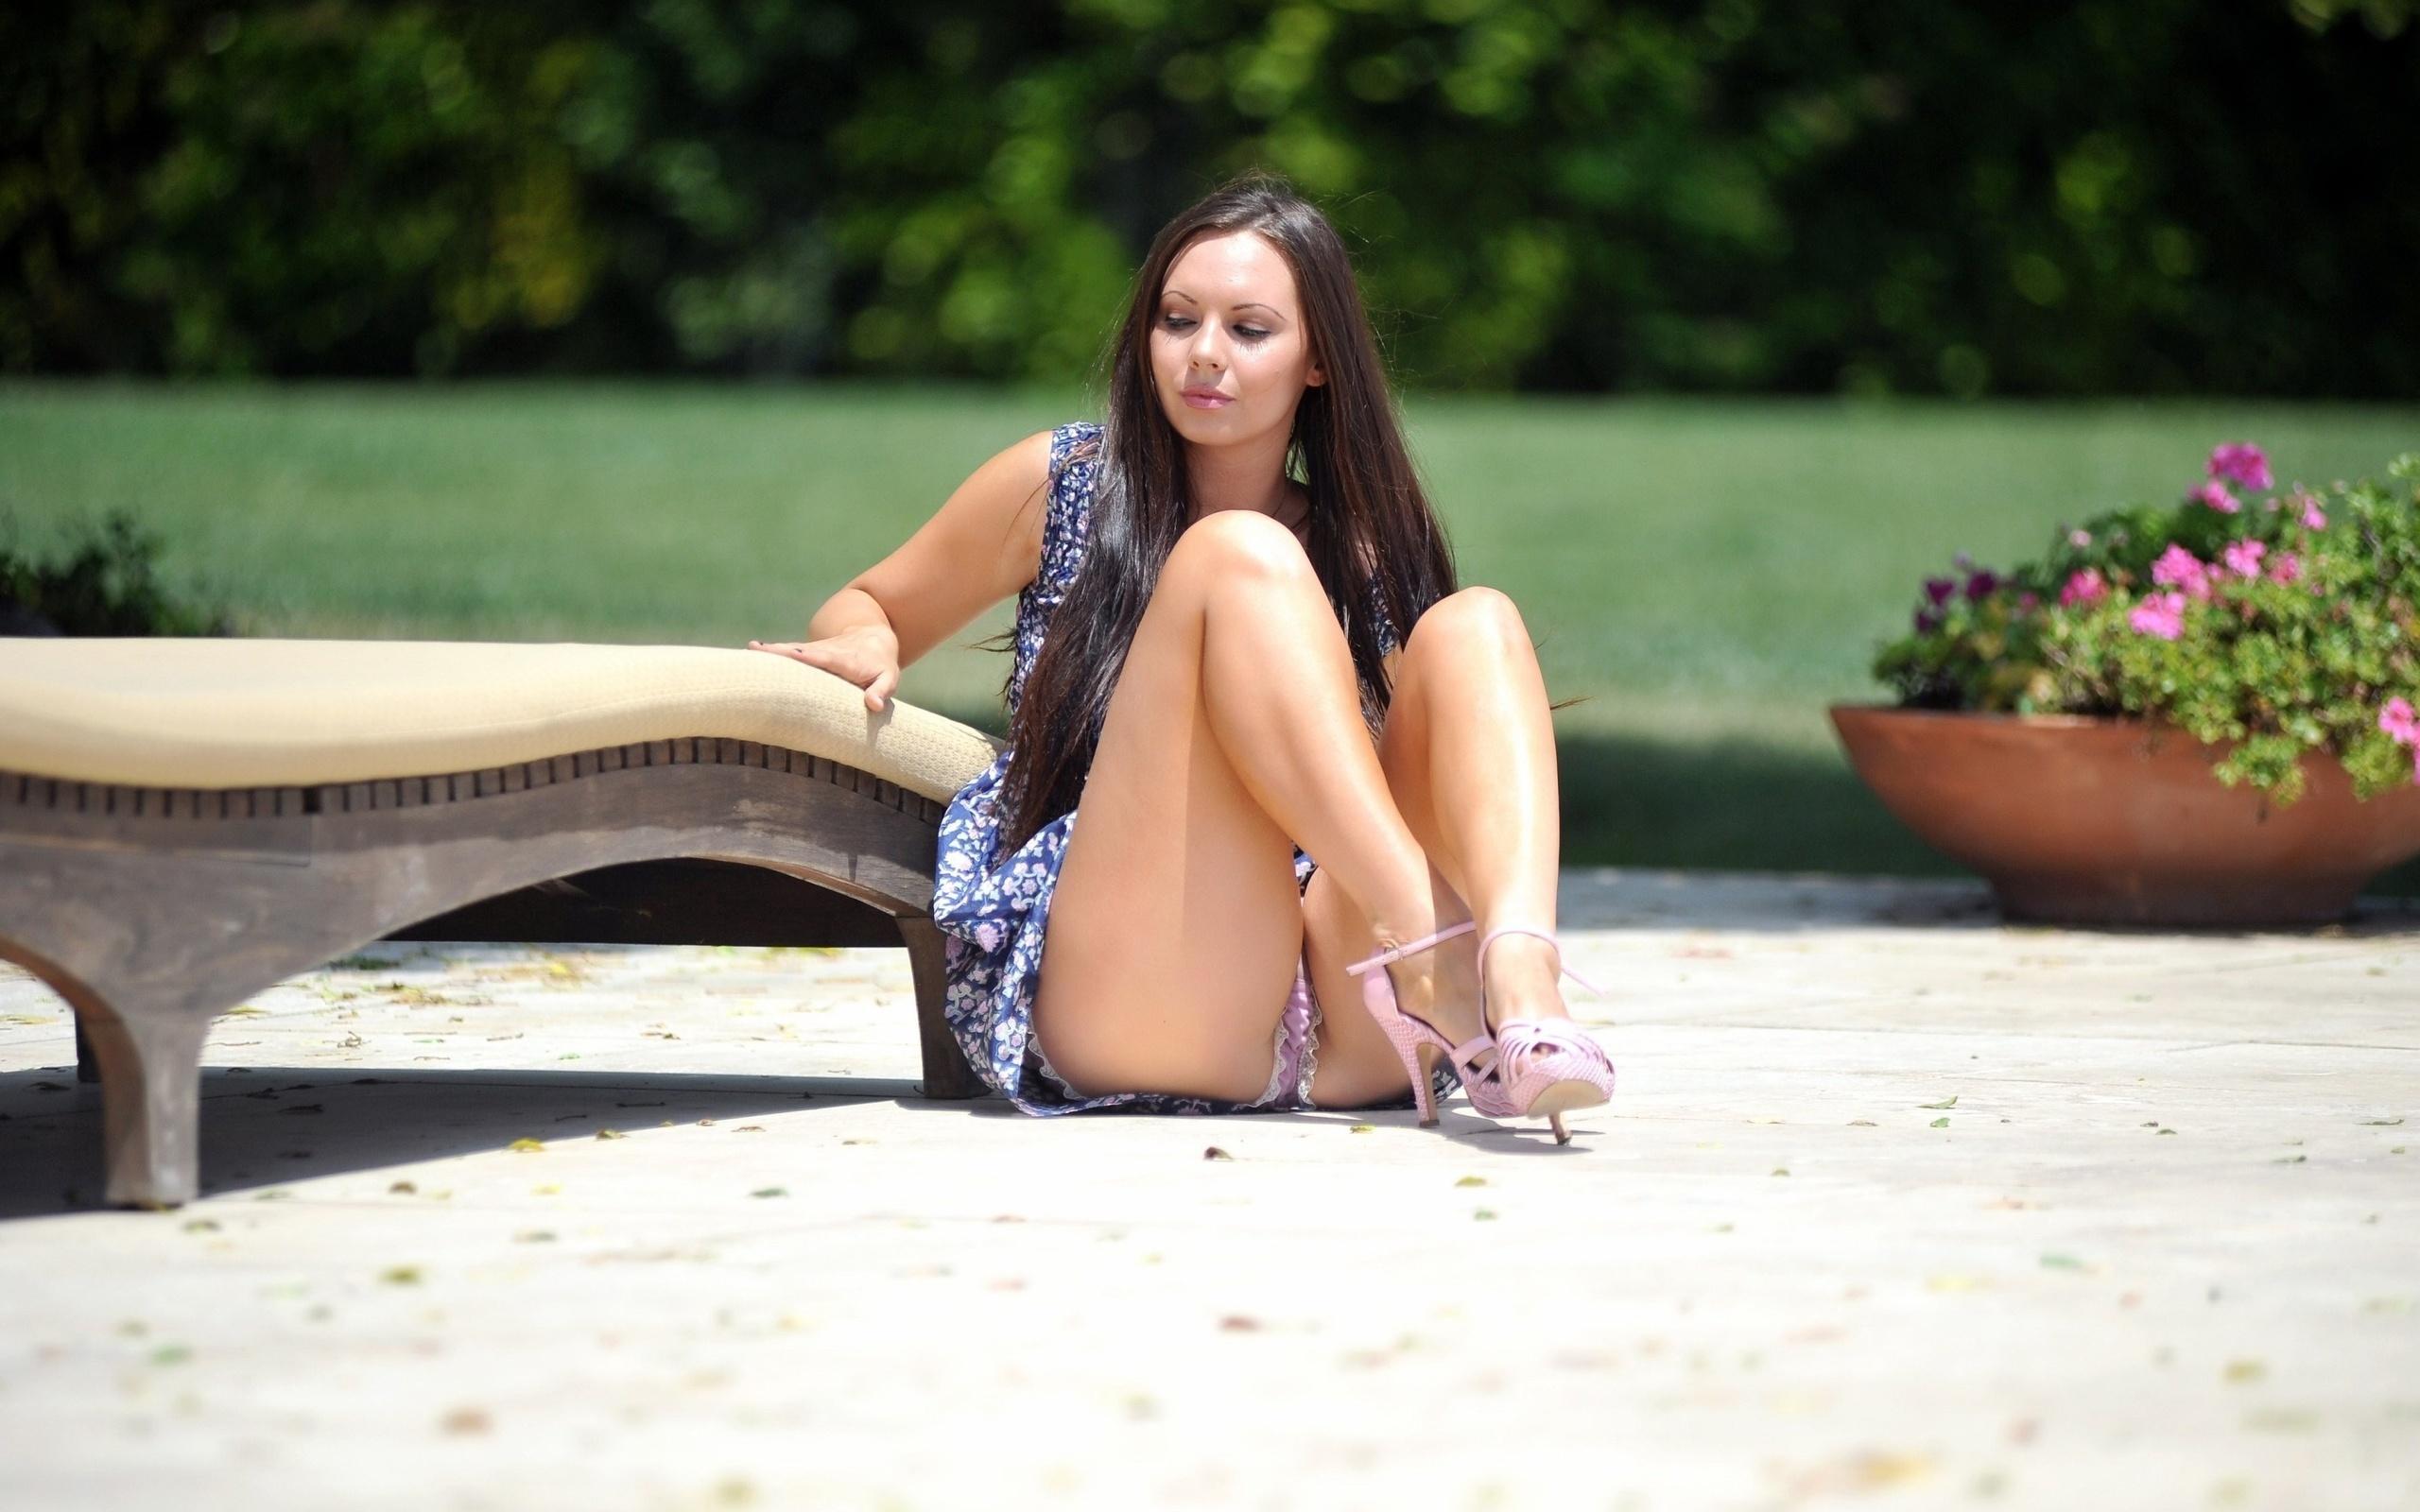 Сисястая раздвинула ножки, Сисястые мамочки раздвигают ножки перед любовниками 24 фотография